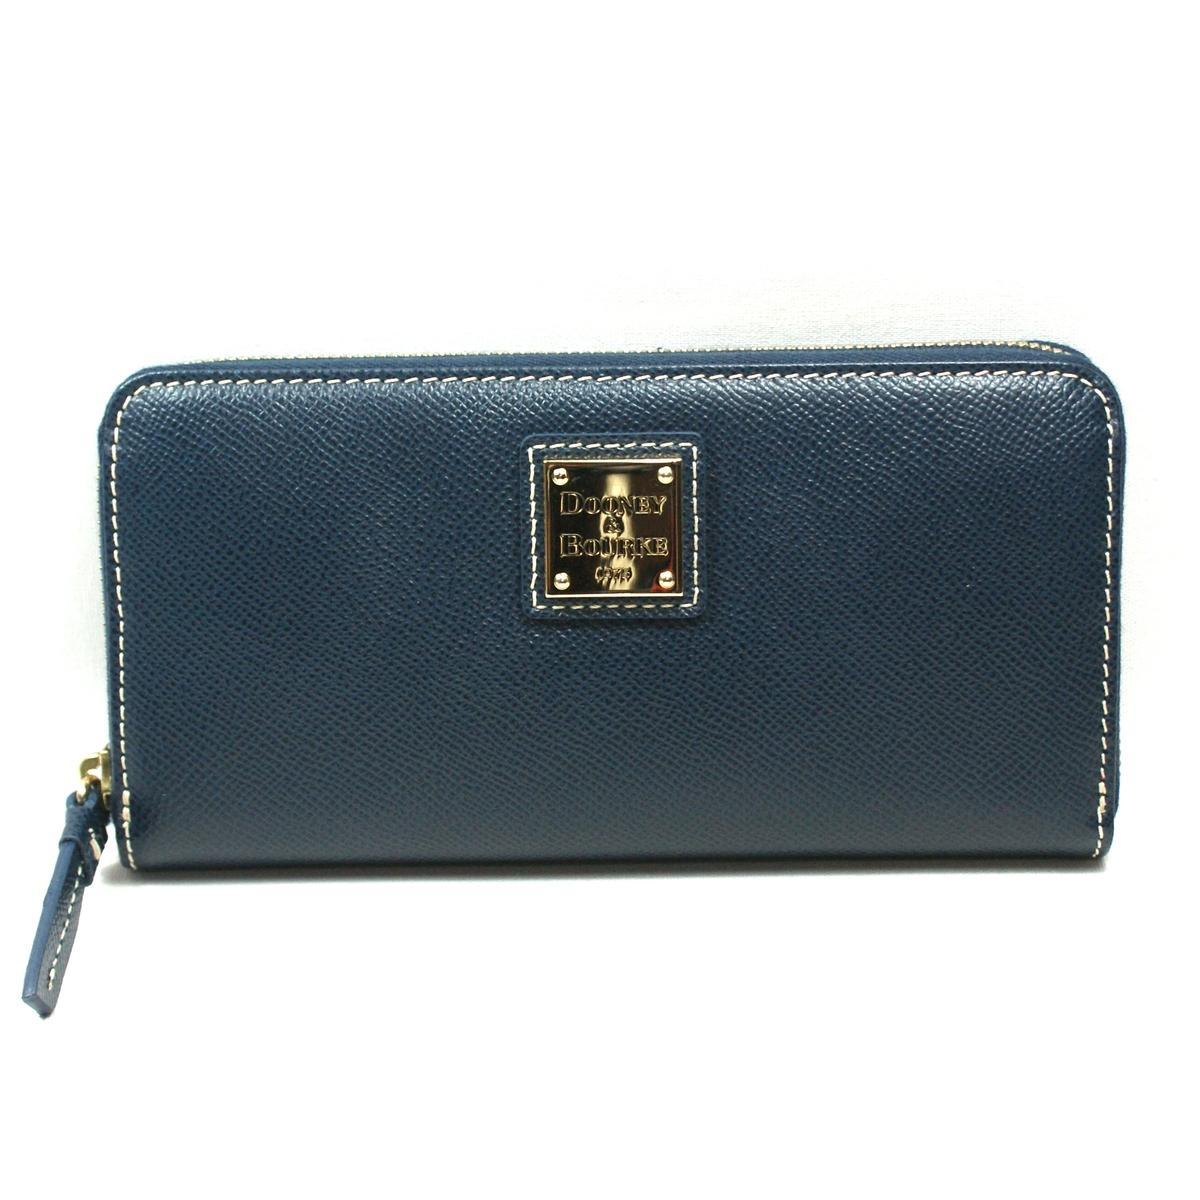 Dooney u0026 Bourke Navy Leather Zip Around Wallet #4V32NV : Dooney ...